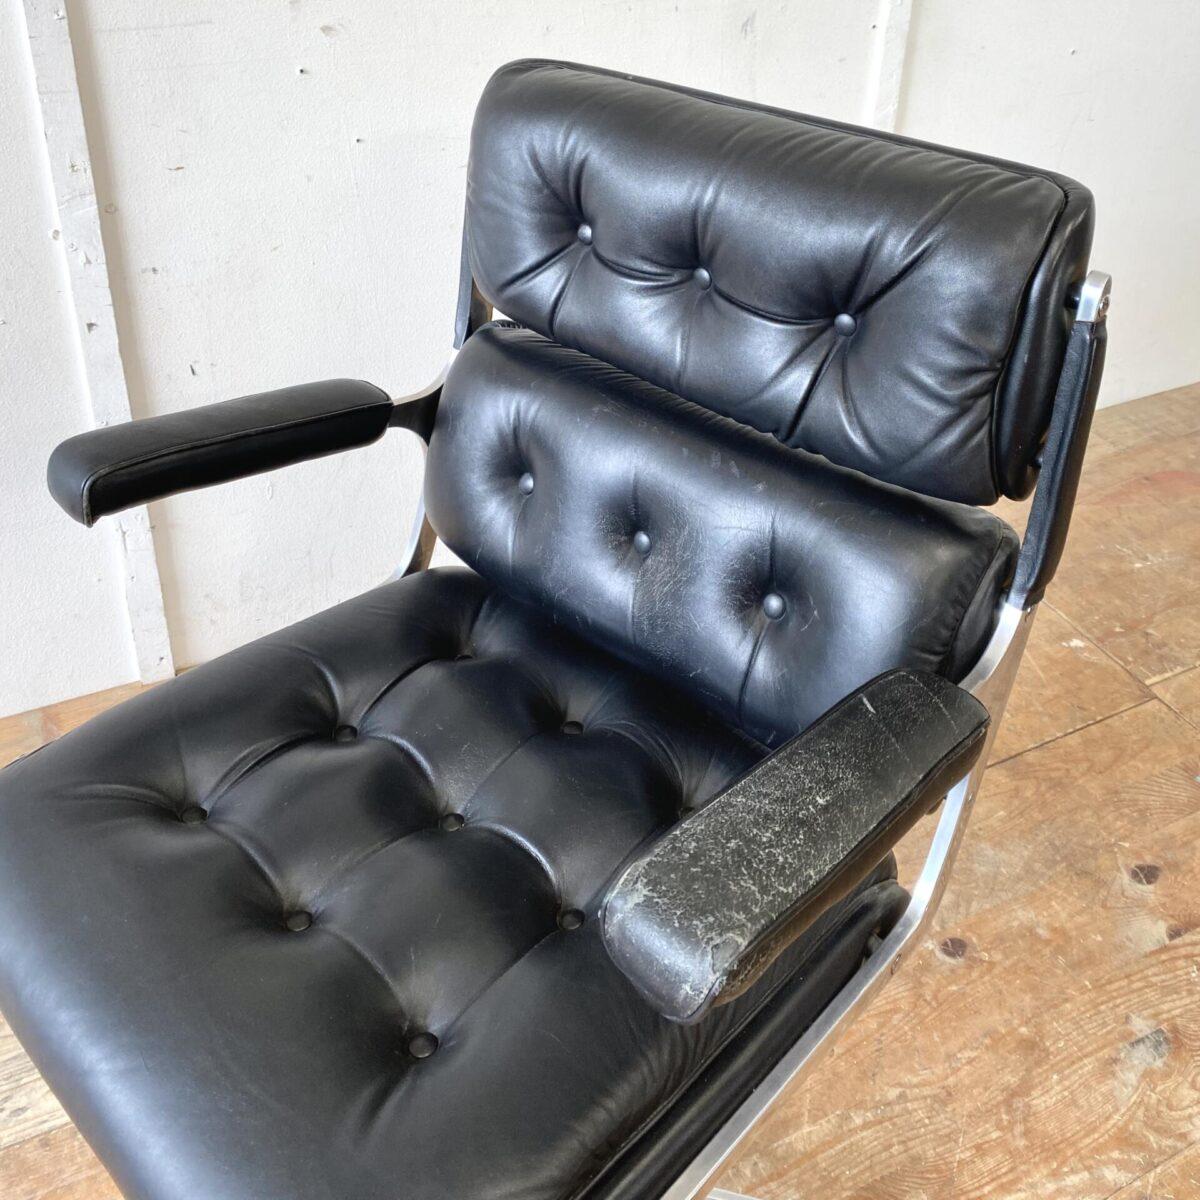 Deuxieme.shop vintage Chefsessel Ledersessel. Bürostuhl von Ring Mekanikk mit Fünfsternfuss, aus den 60er Jahren. Drehbar, Höhenverstellbar und nach hinten neigbar. Der Ledersessel ist in schönem vintage Zustand, eine Armlehne ist etwas verbraucht. Mechanik und Rollen funktionieren gut.